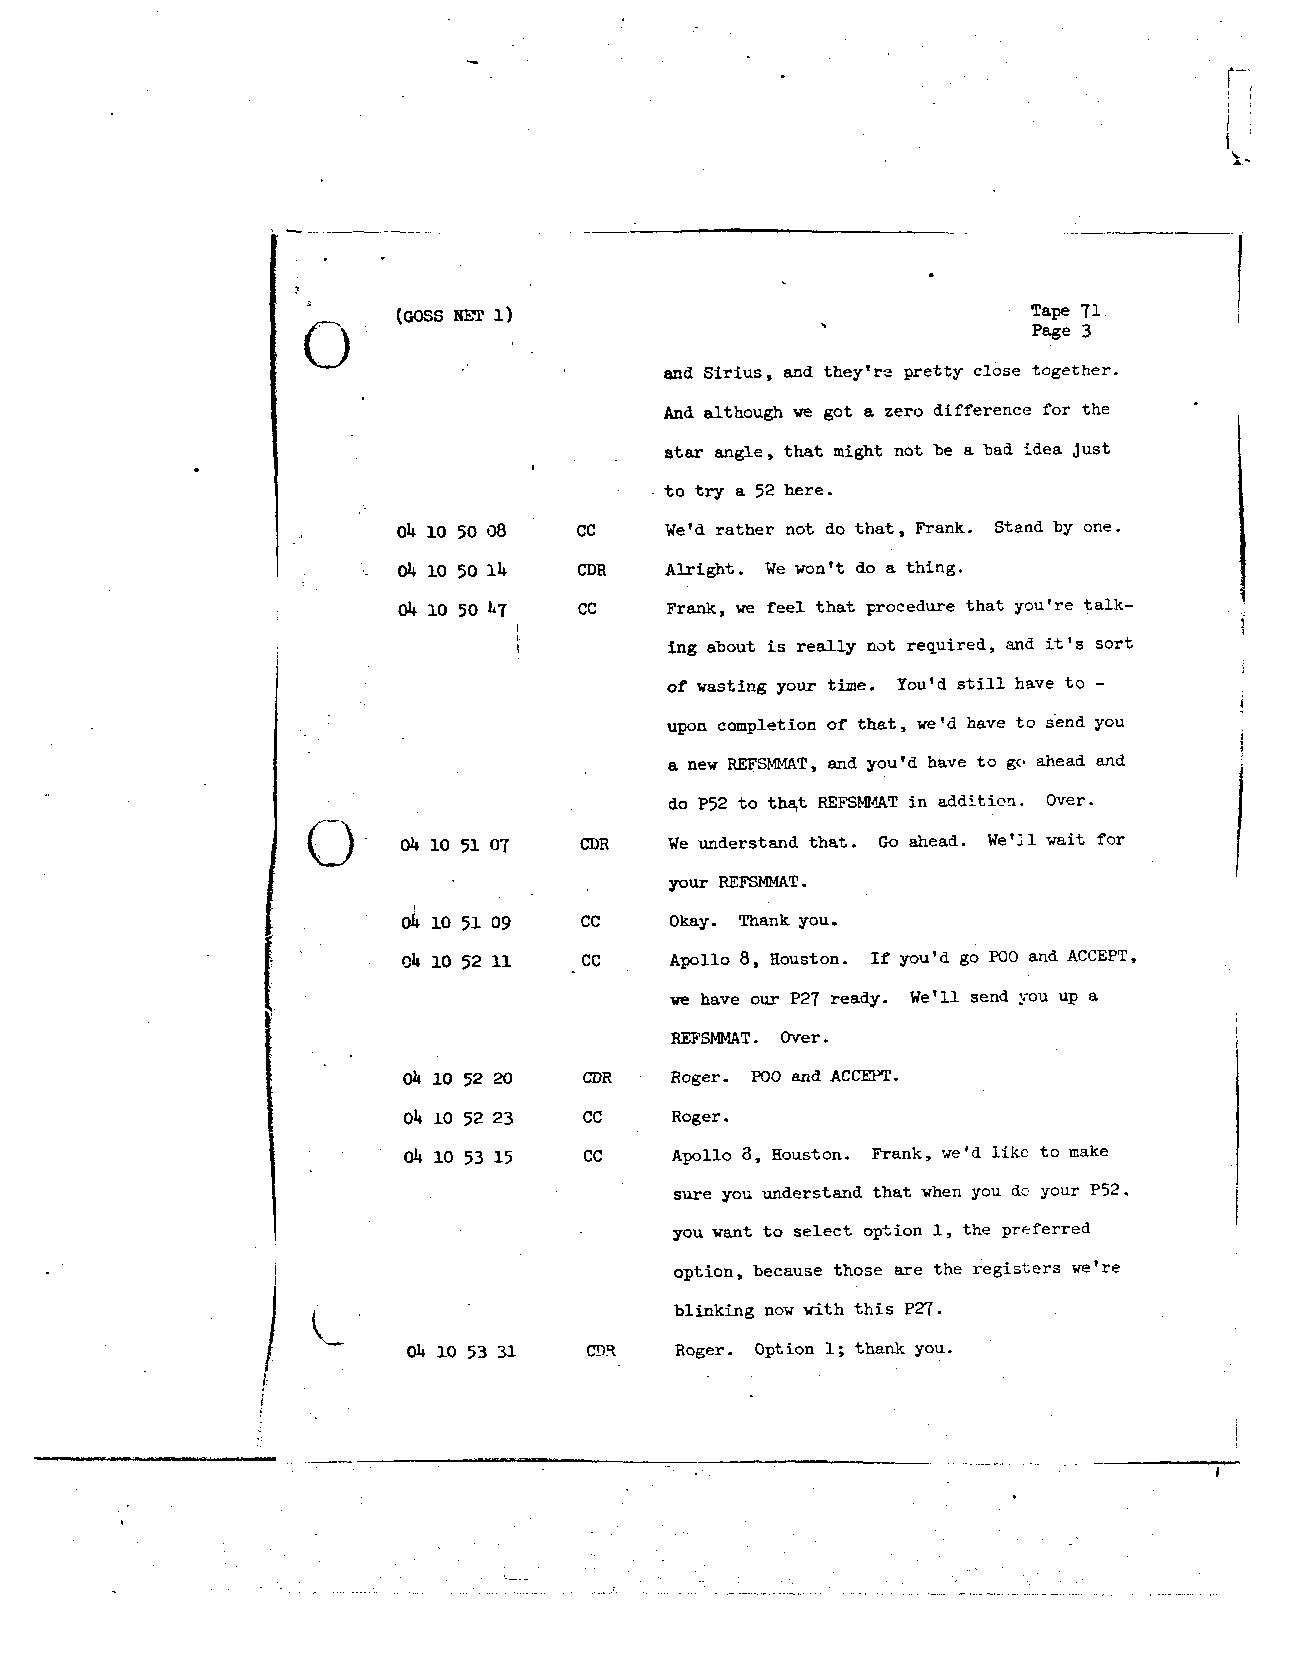 Page 566 of Apollo 8's original transcript